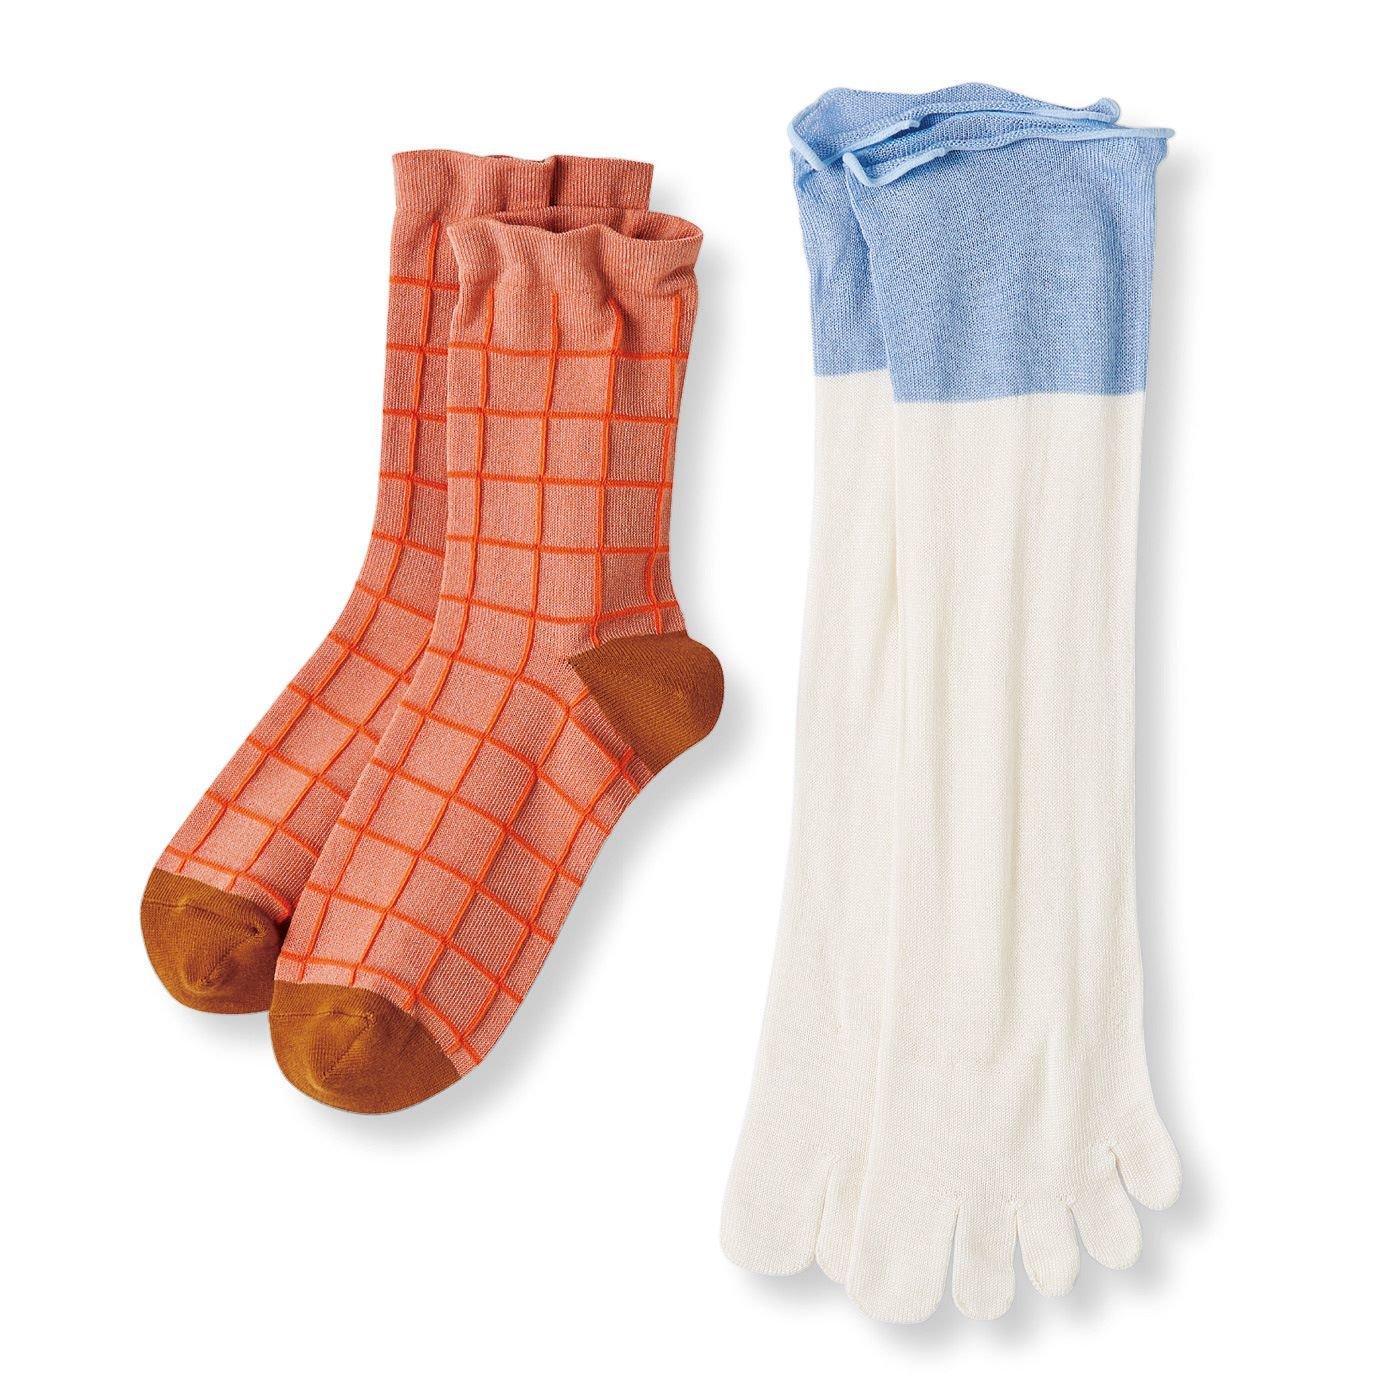 テキスタイルデザイナー 伊藤尚美さんと作った 合わせて楽しむ冷えとり習慣 シルク5本指と綿混靴下セットの会